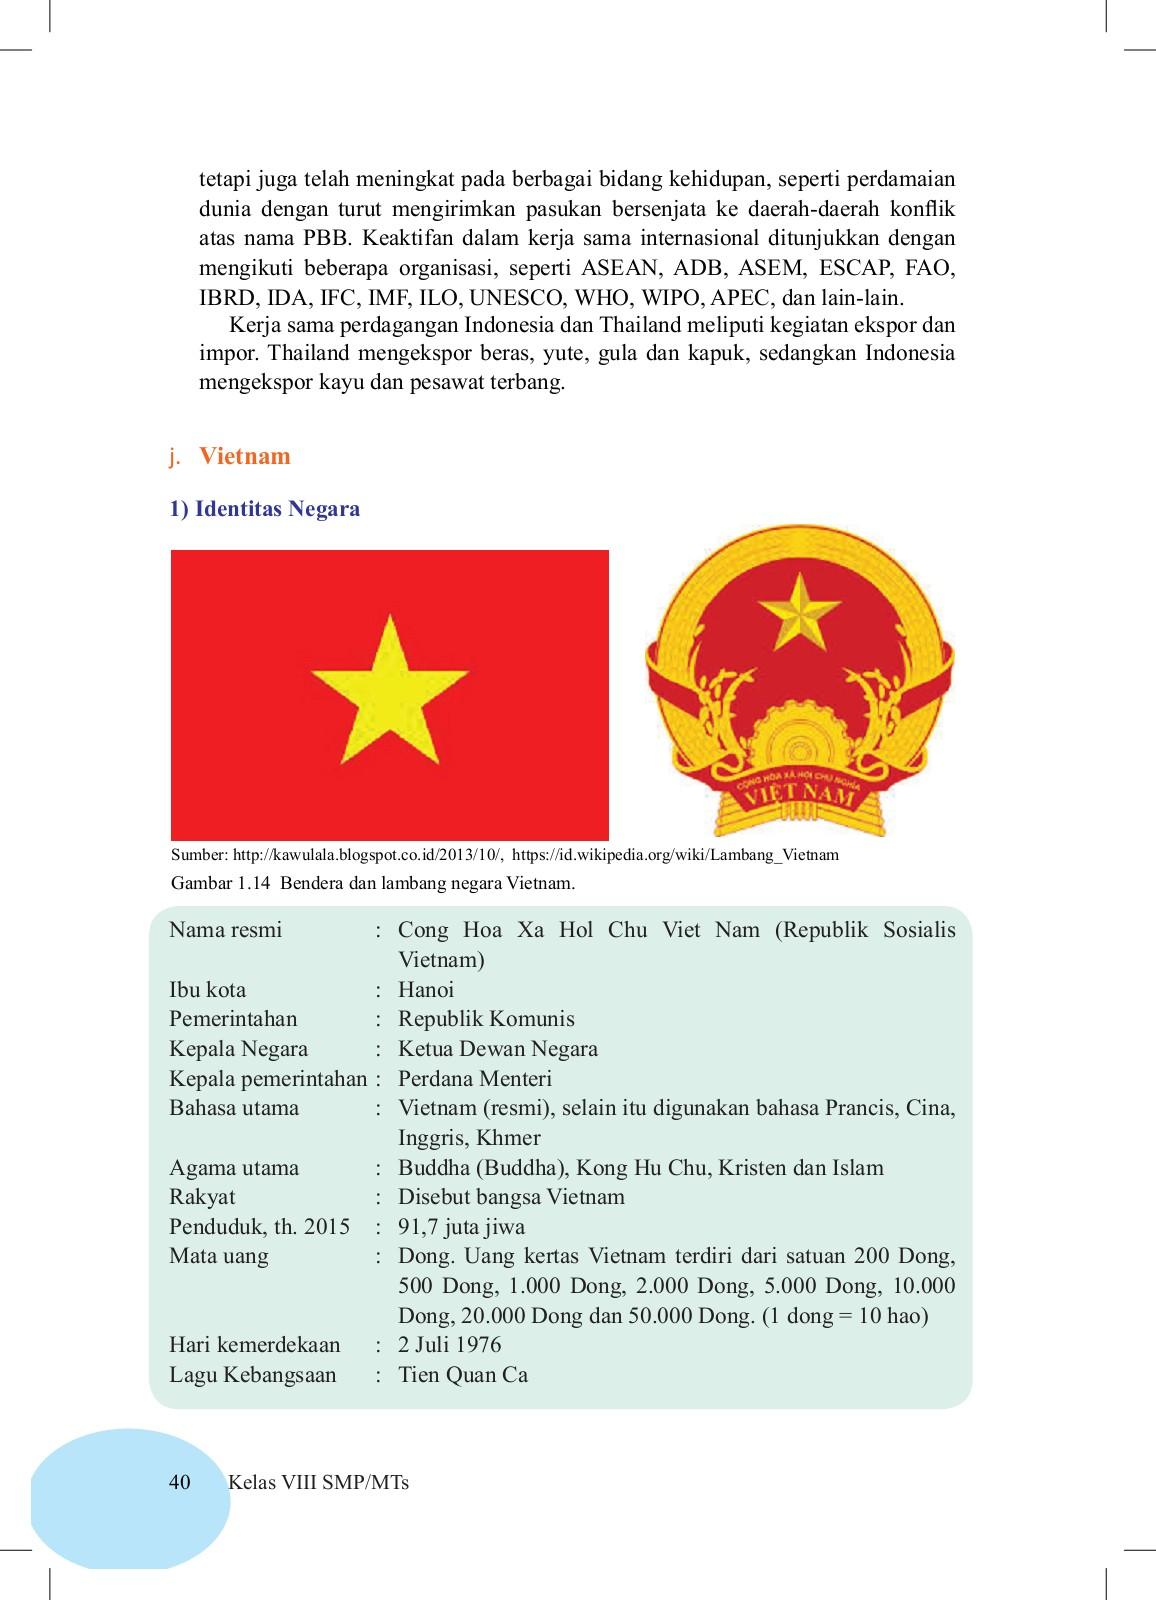 Bendera Dan Lambang Negara Vietnam : bendera, lambang, negara, vietnam, Siswa, Edisi, Revisi, Pages, Download, FlipHTML5